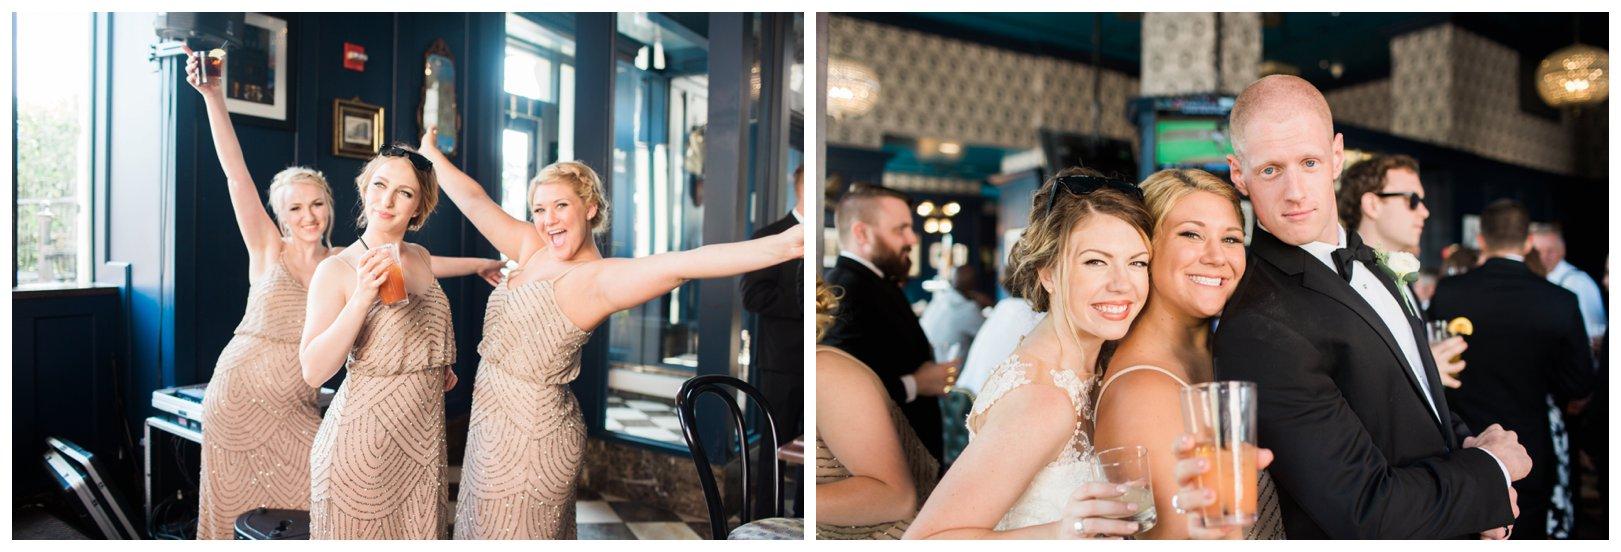 lauren muckler photography_fine art film wedding photography_st louis_photography_1319.jpg